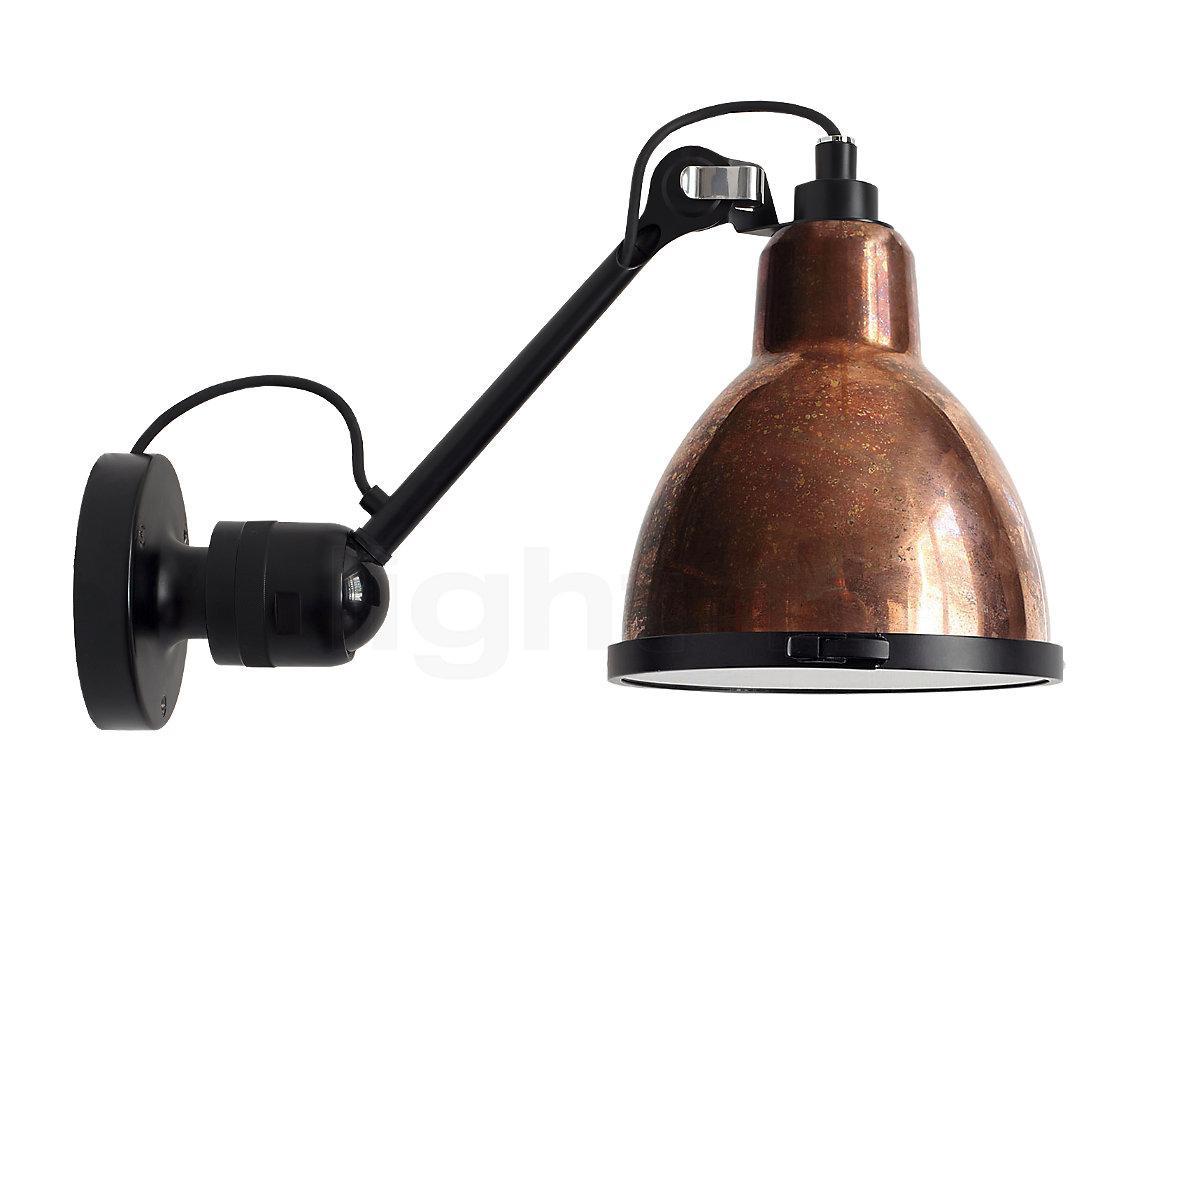 Lampe Rund Schwarz